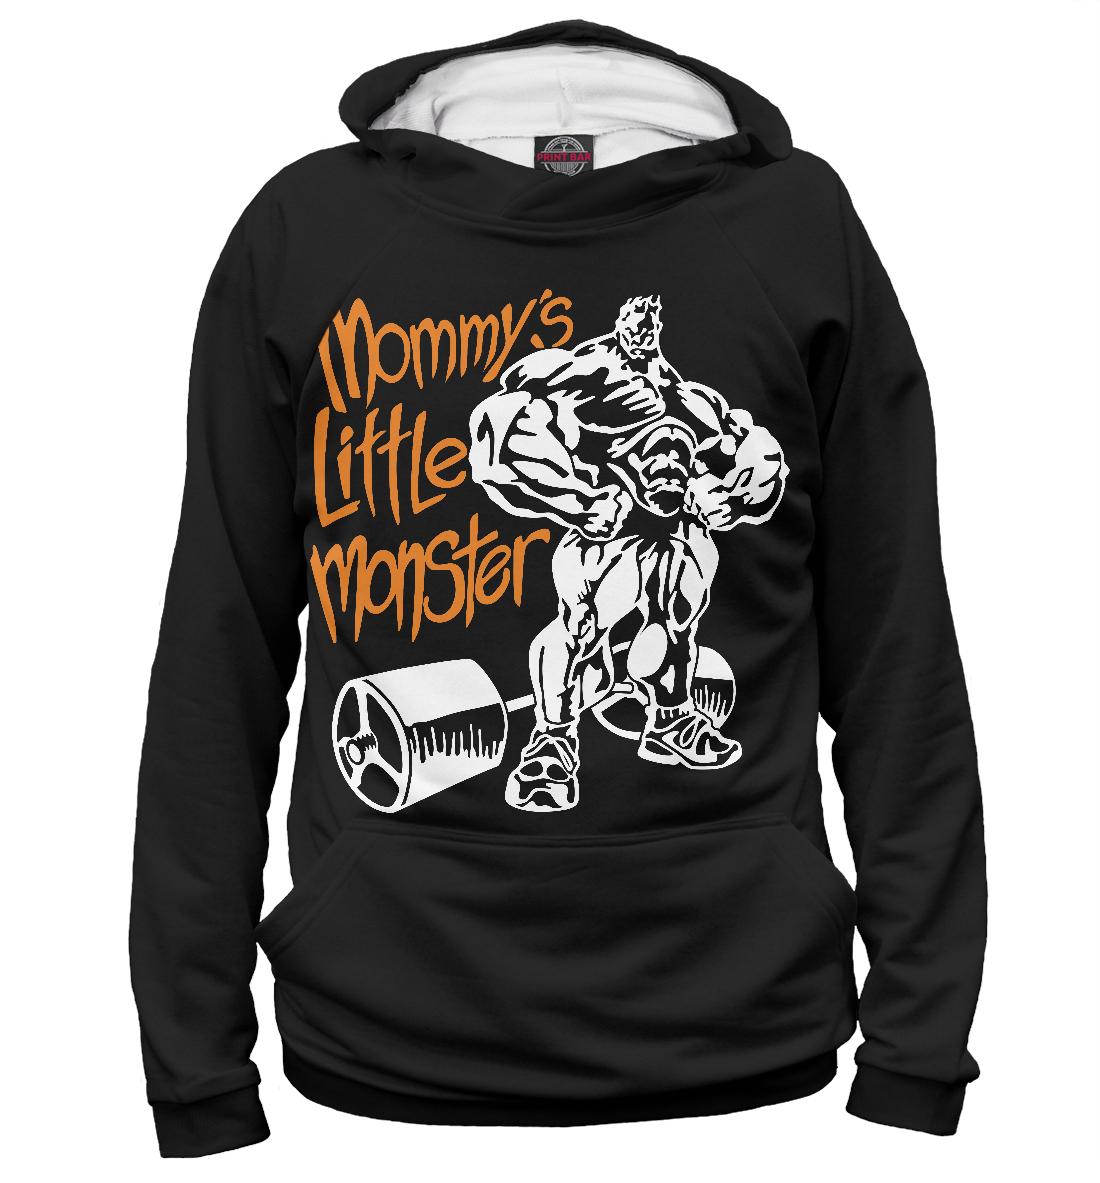 Little monster my little monster 1